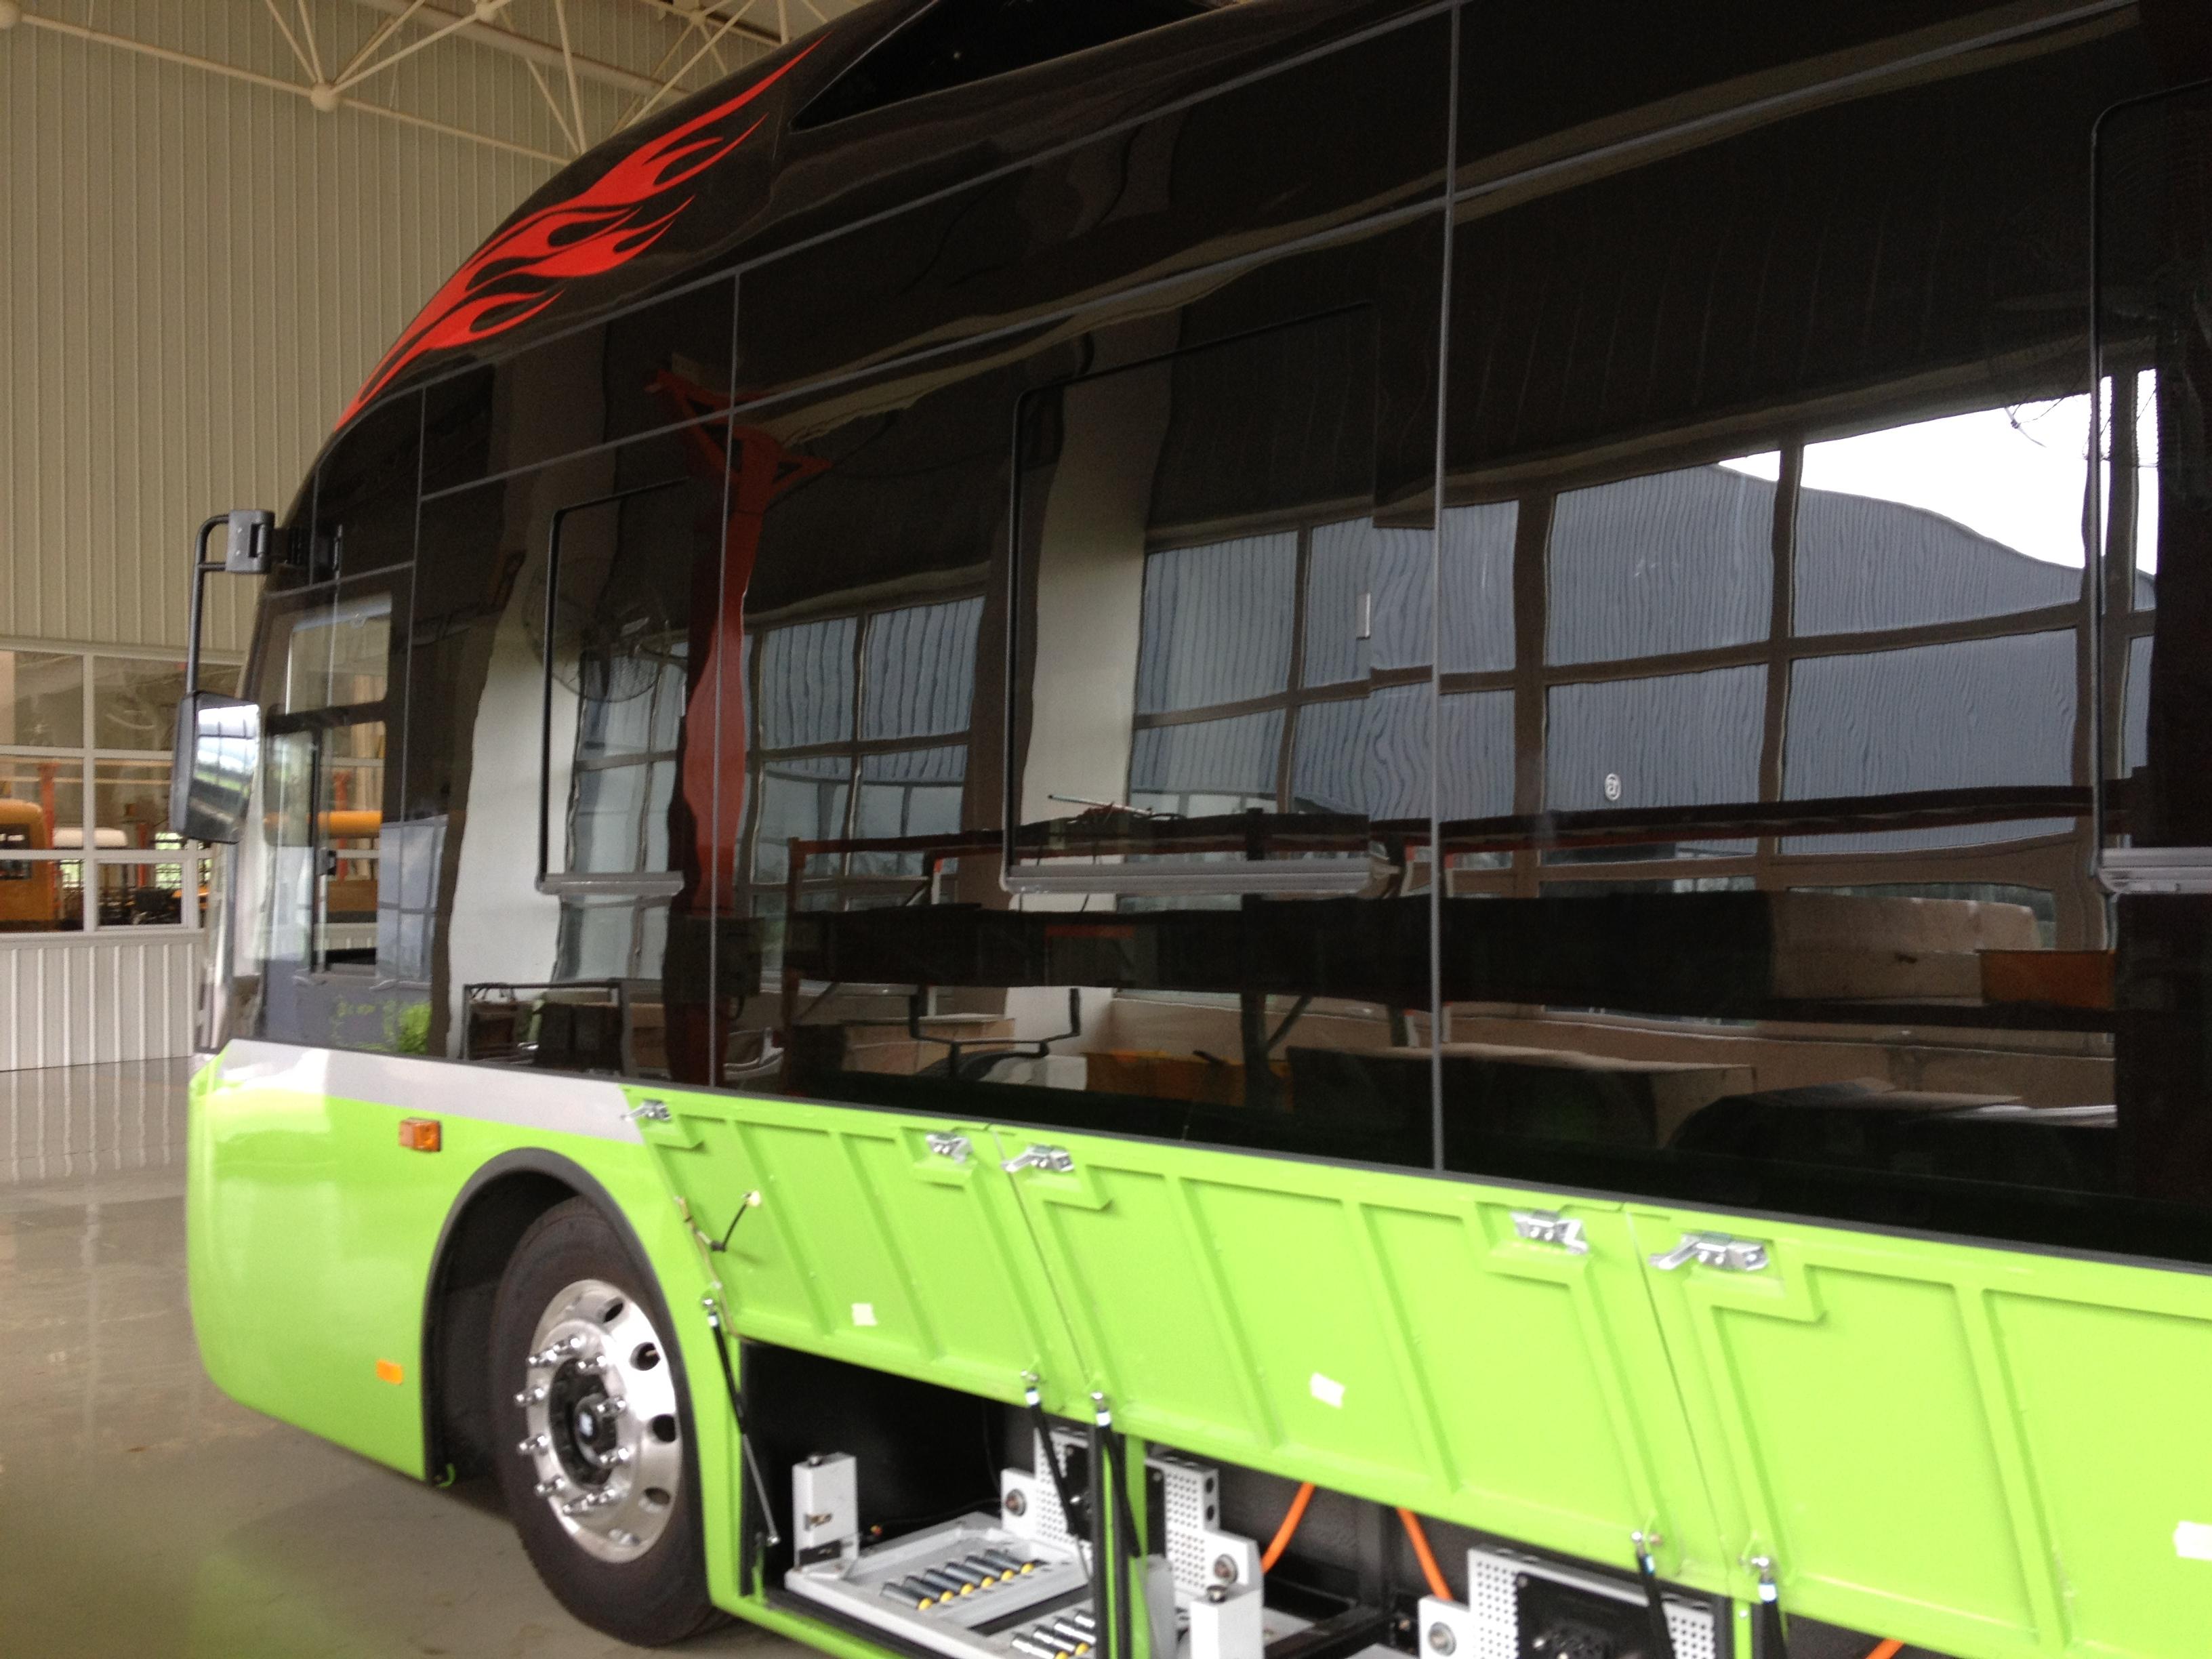 bus 3310